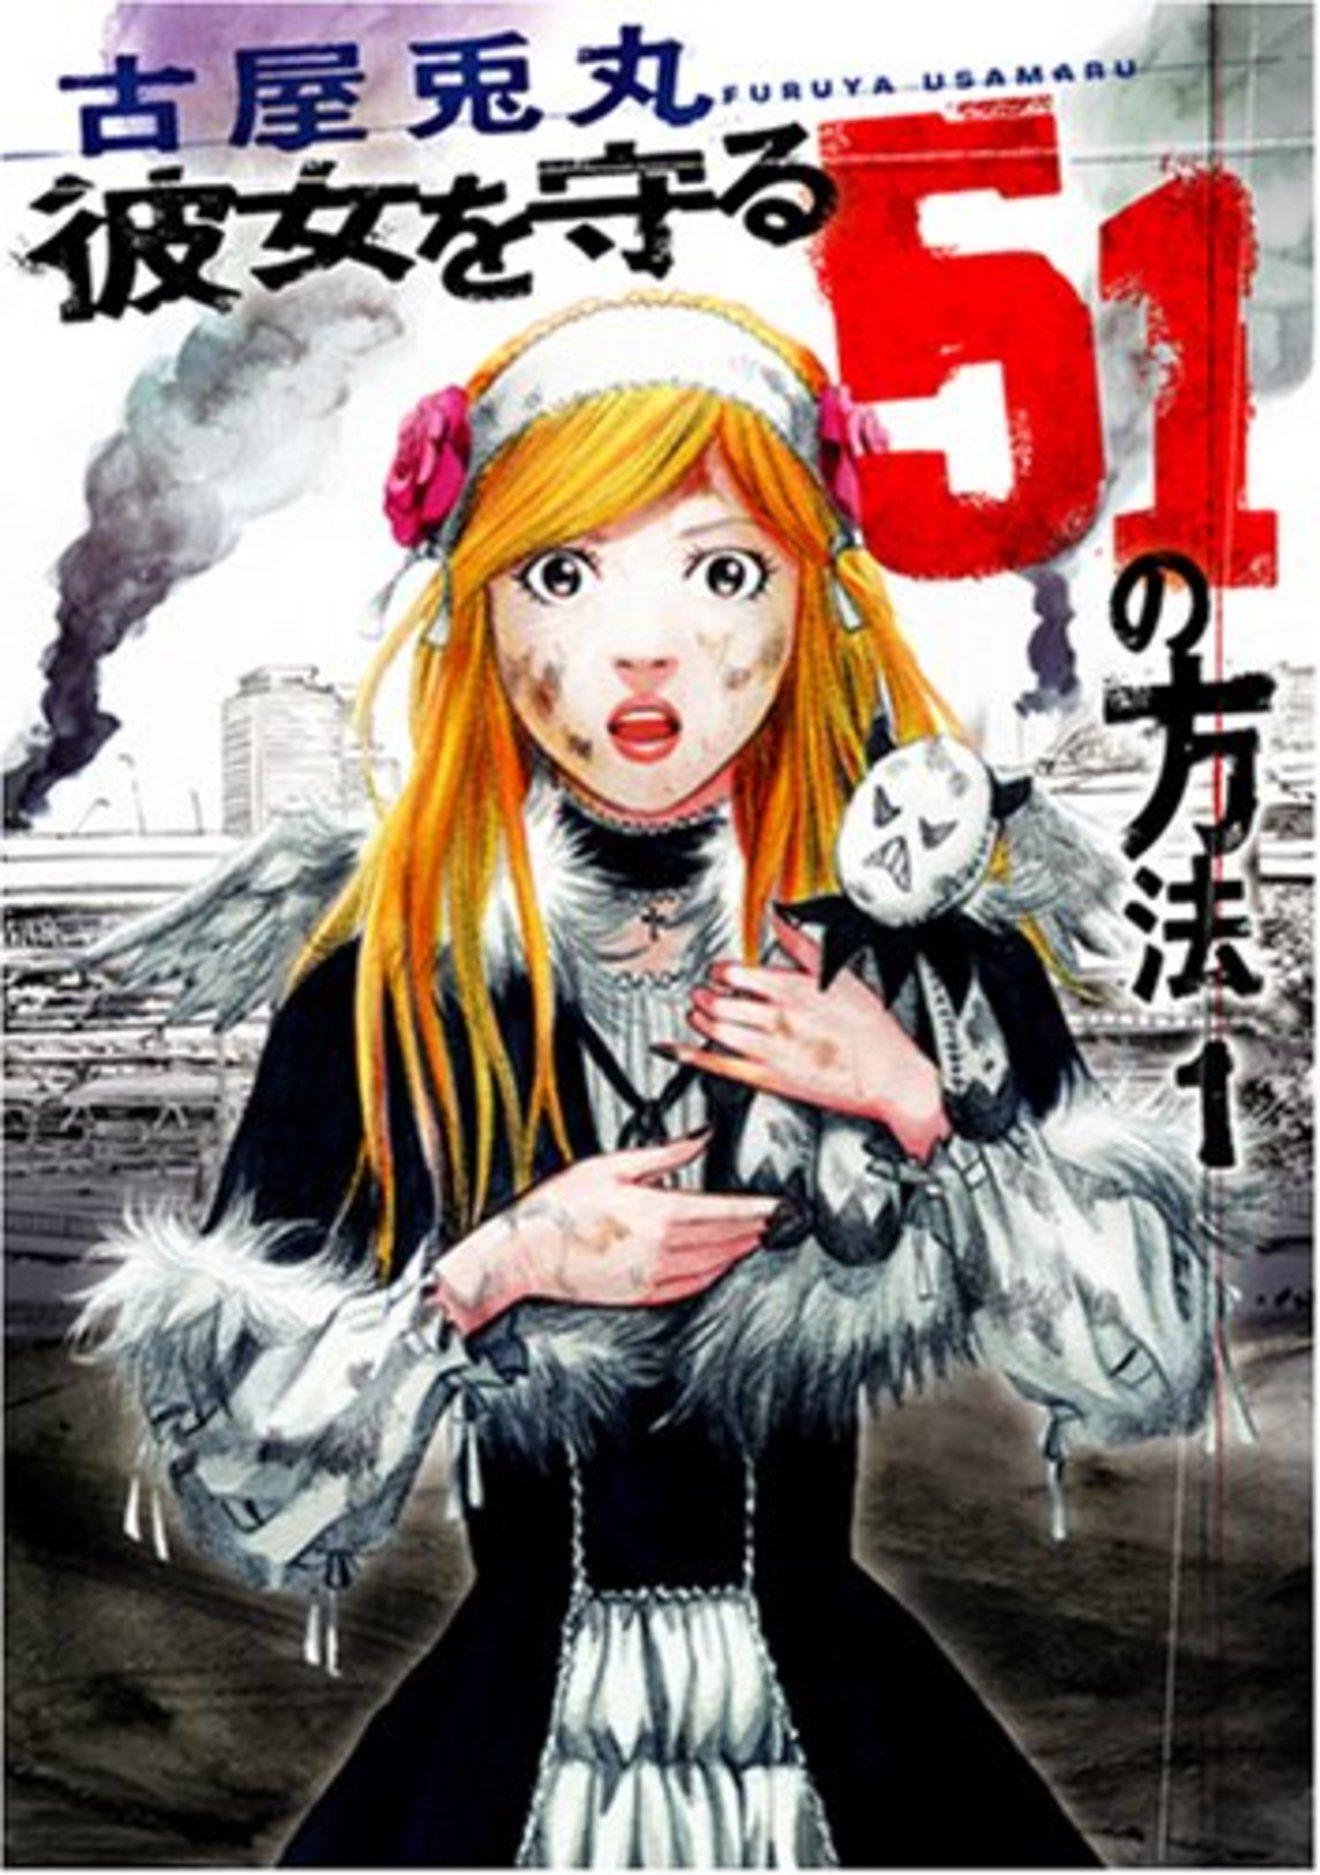 『彼女を守る51の方法』を全巻ネタバレ紹介!ラストまで深い地震漫画が無料